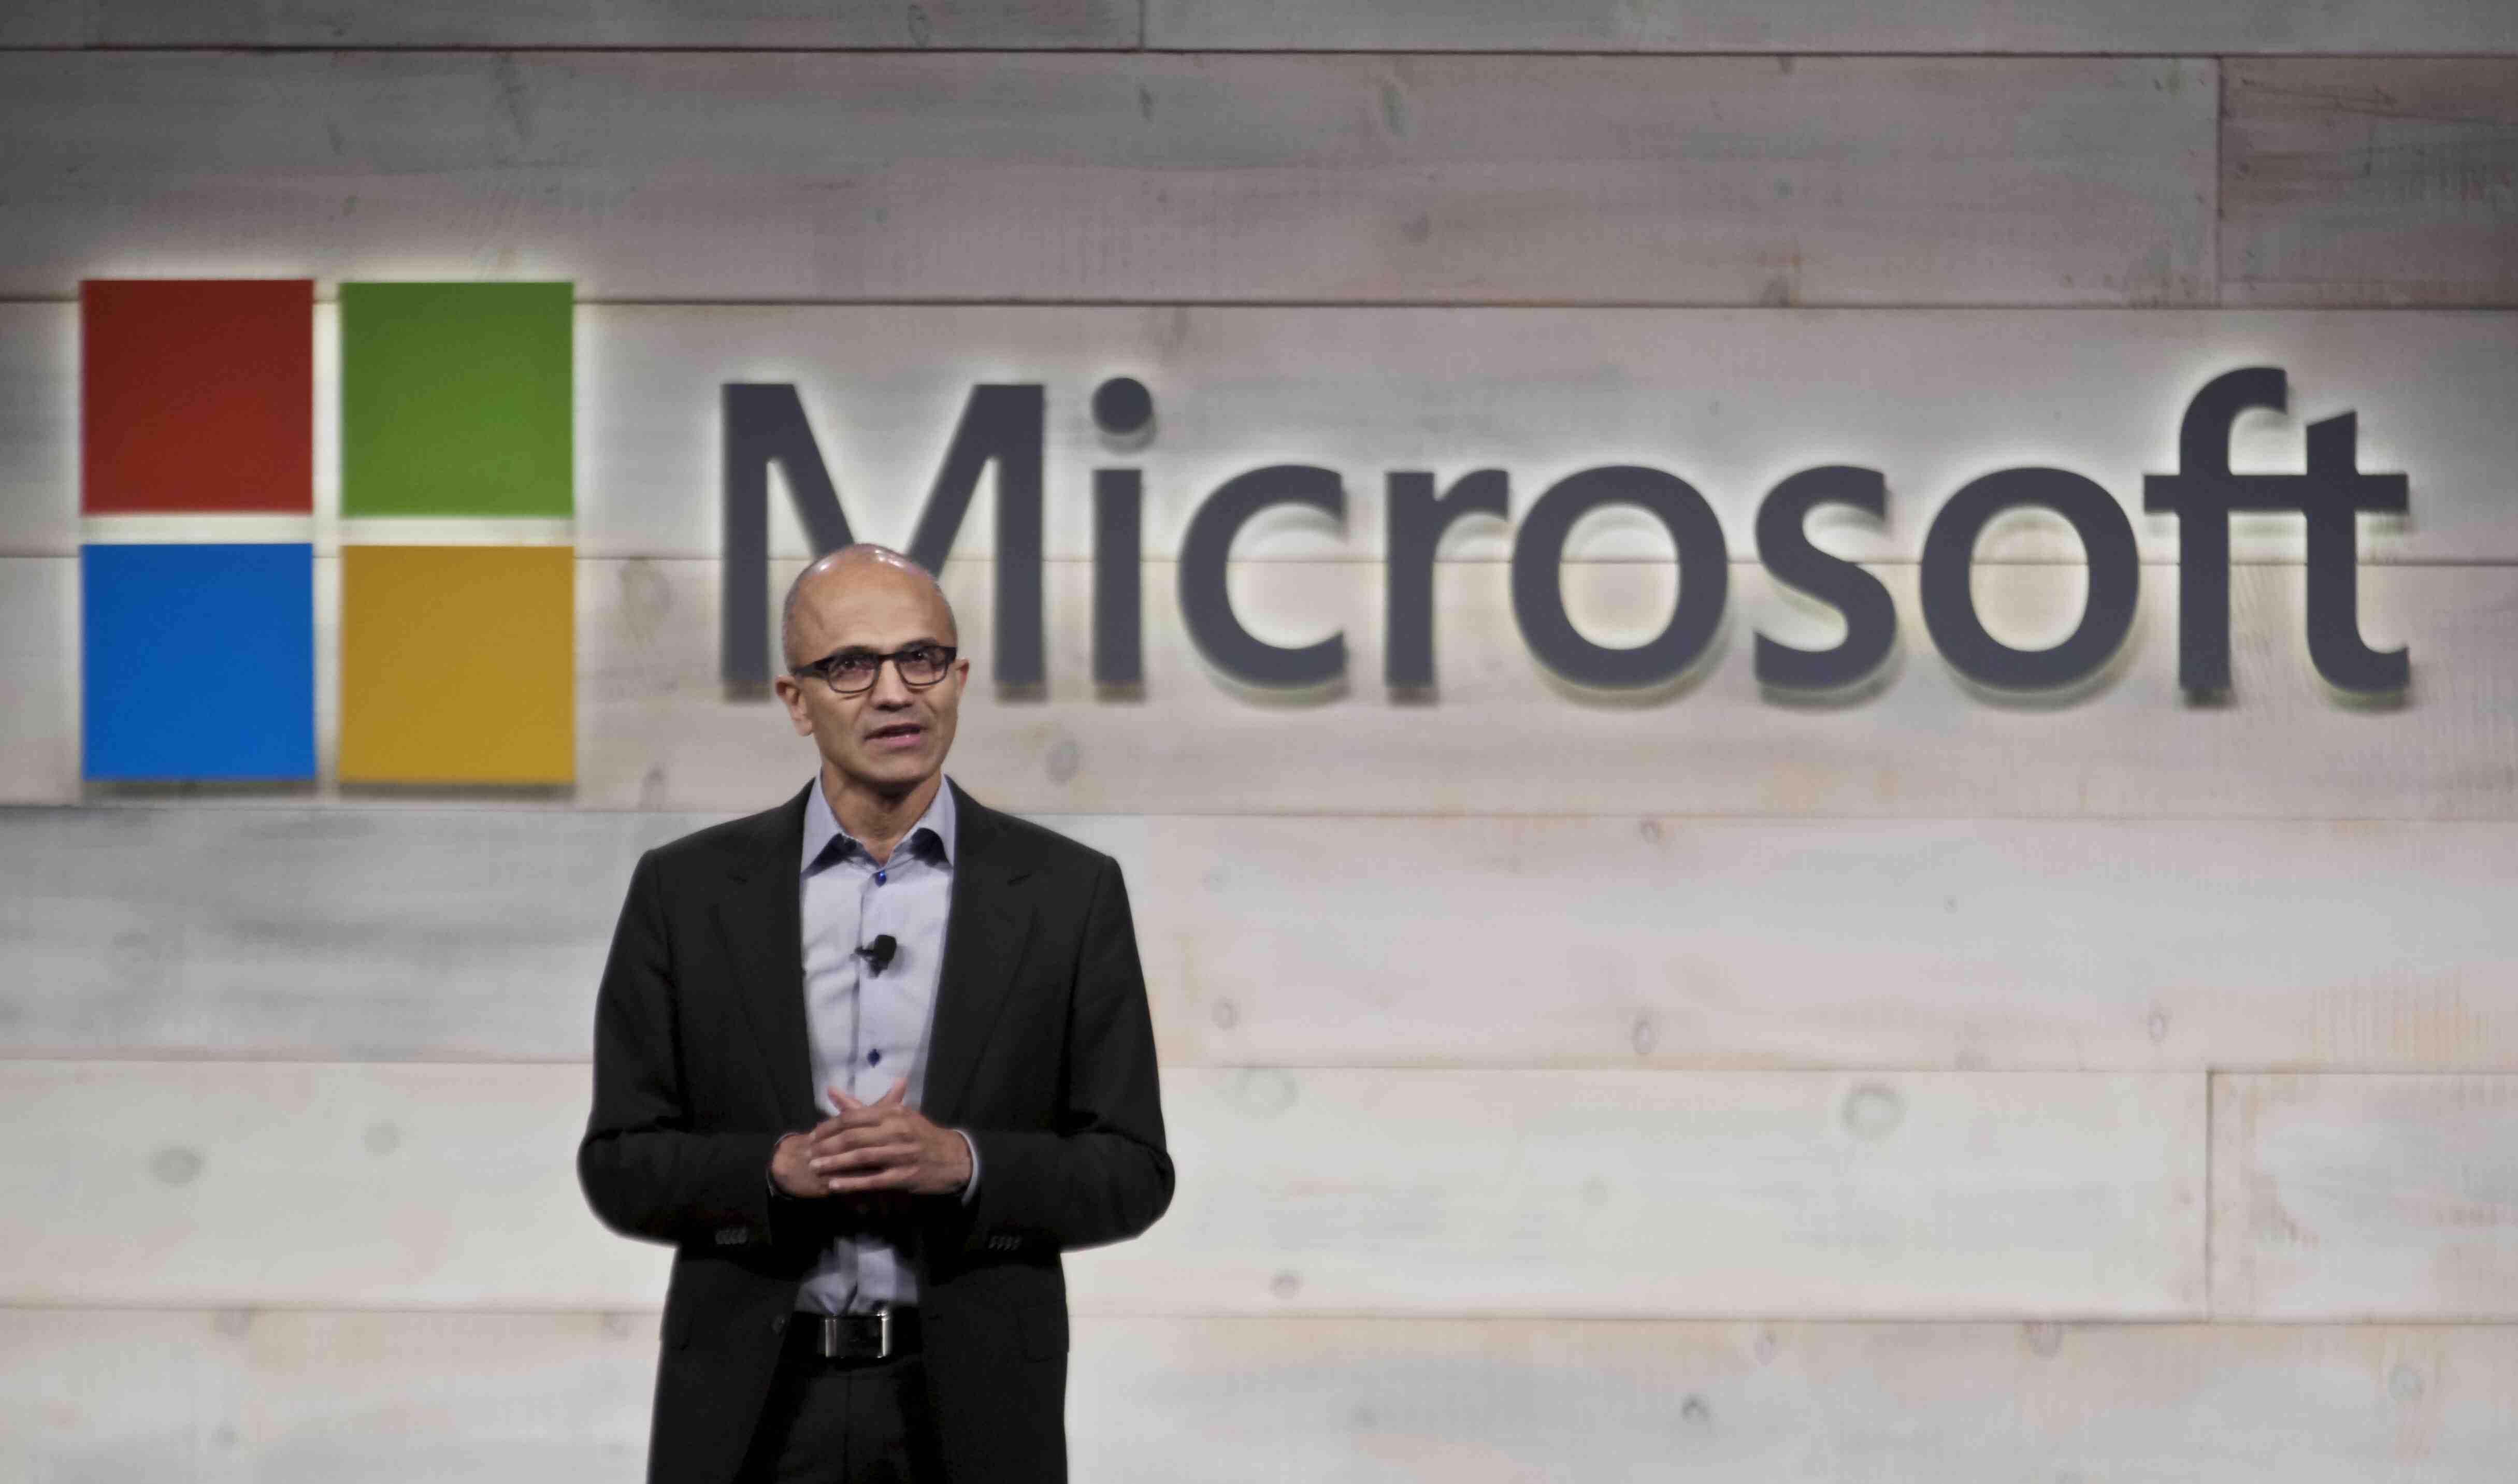 Microsoft: Toplantıların Verimliliği Katılımcıların Vücut Diline Göre Ölçülecek